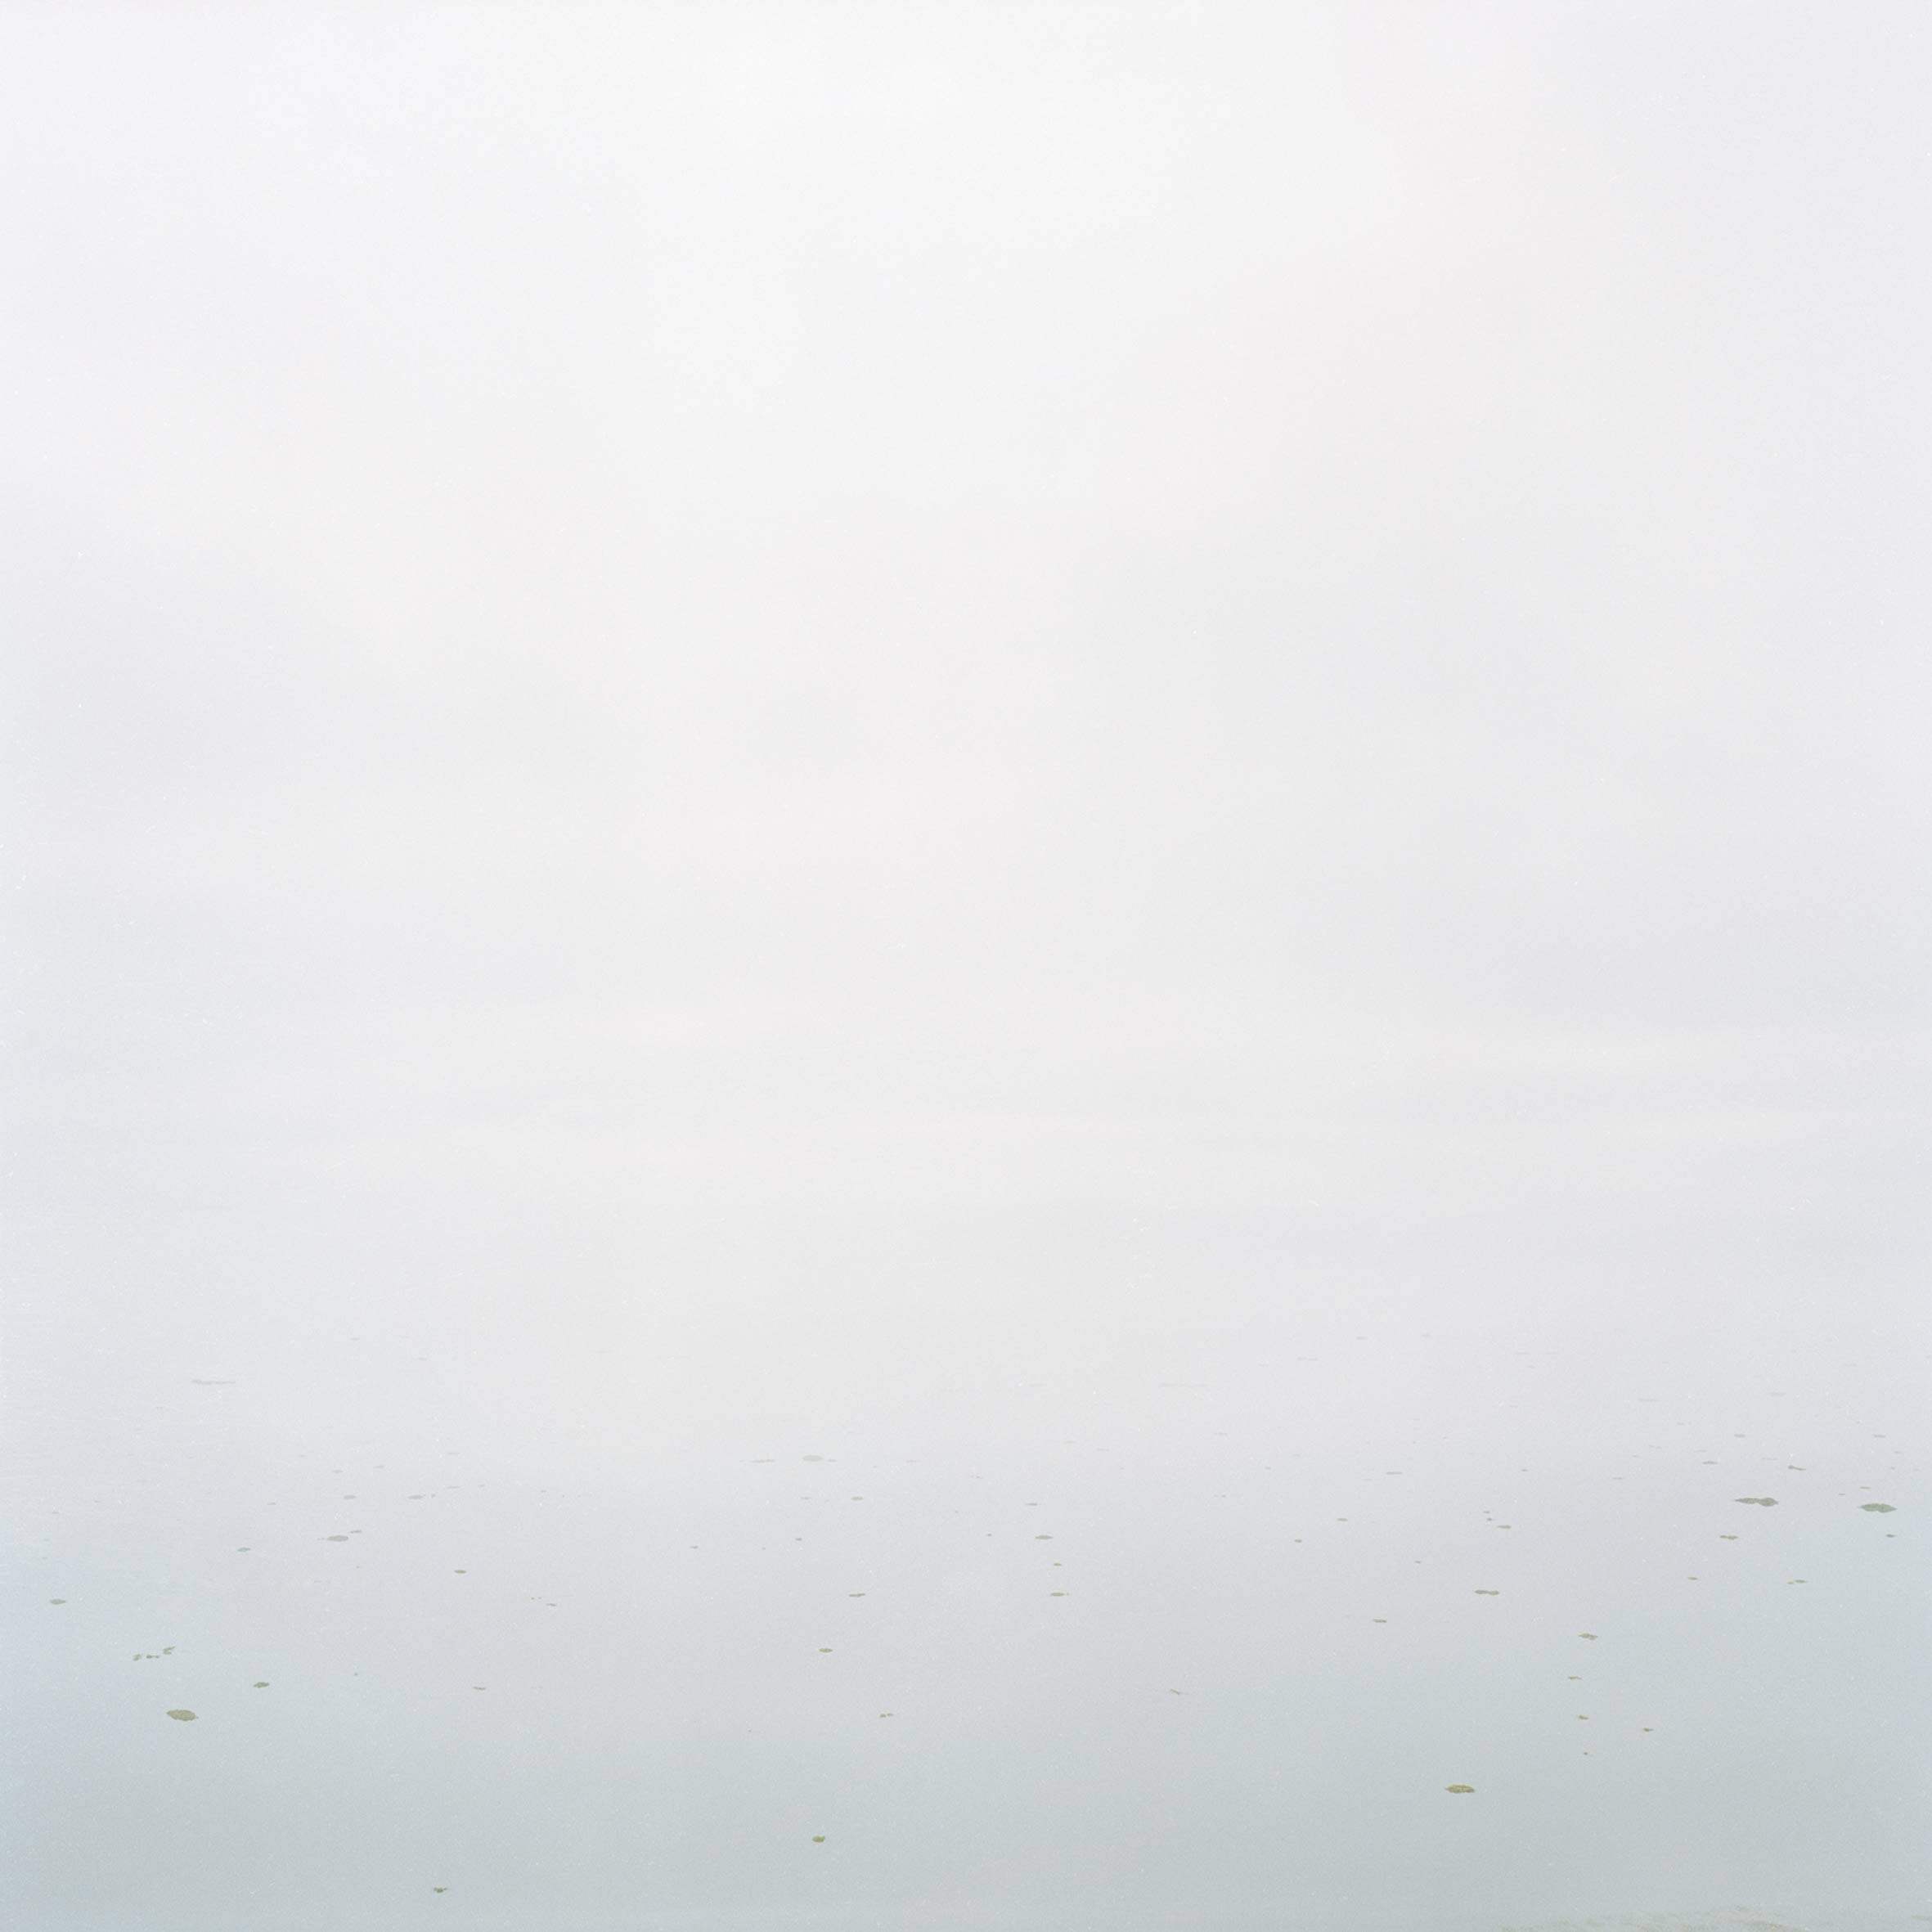 marcher créer, périple autobiographique, territoire du Labrador au Québec, paysage, paysage désertique, paysage aquatique, paysage de campagne, herbe, mer, fleuve, eau, ciel, brume